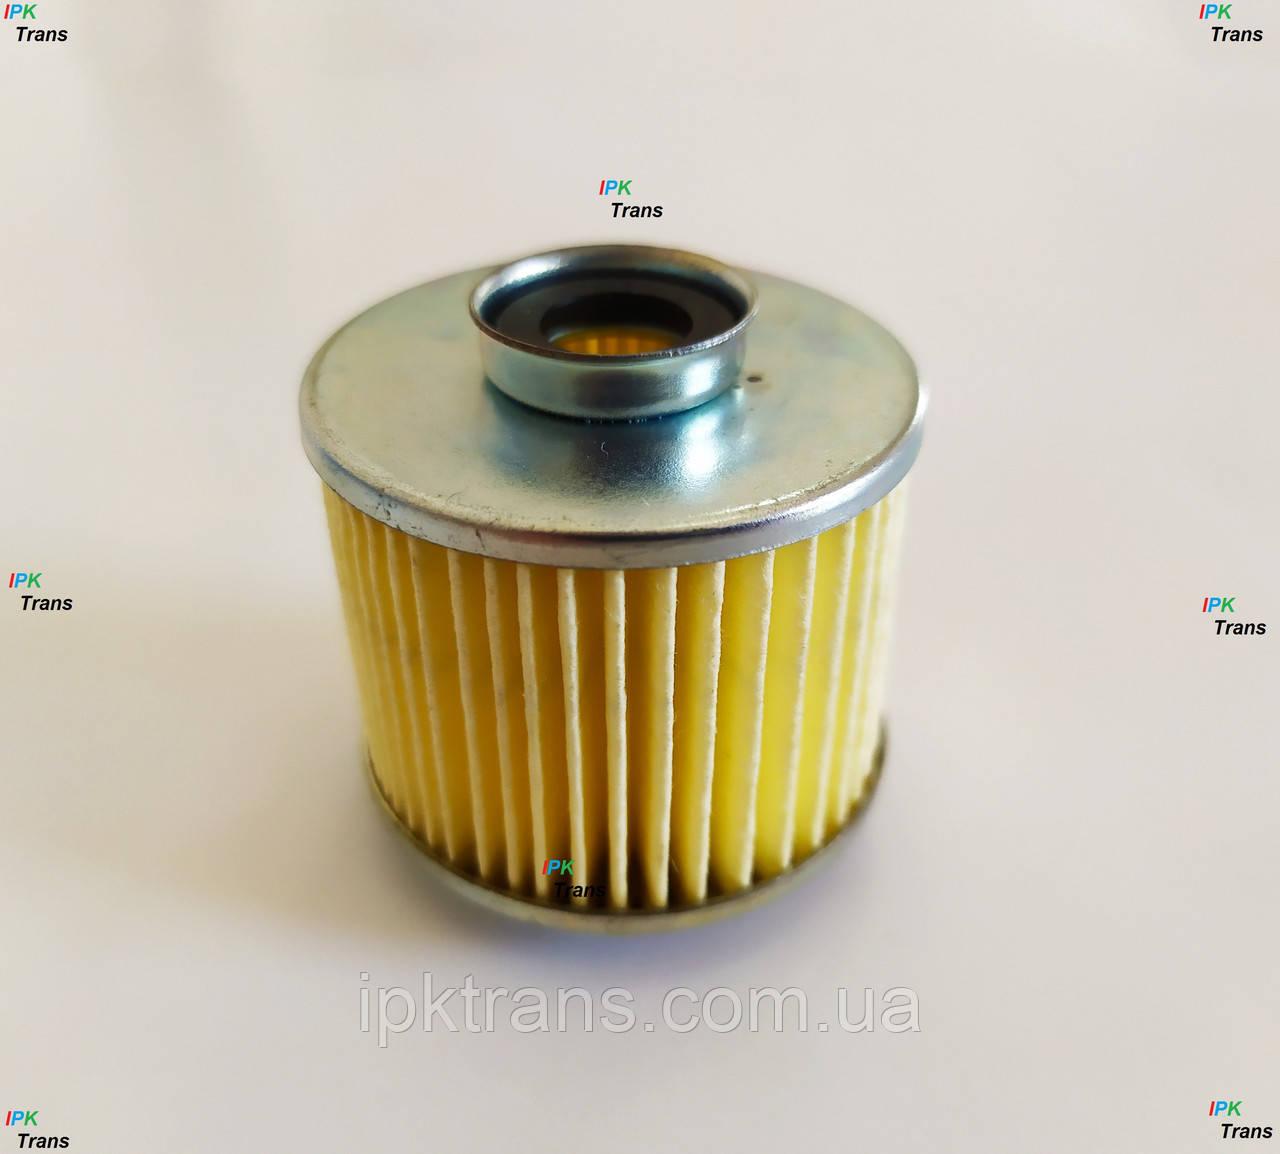 Фильтр топливный двигателя NISSAN K25